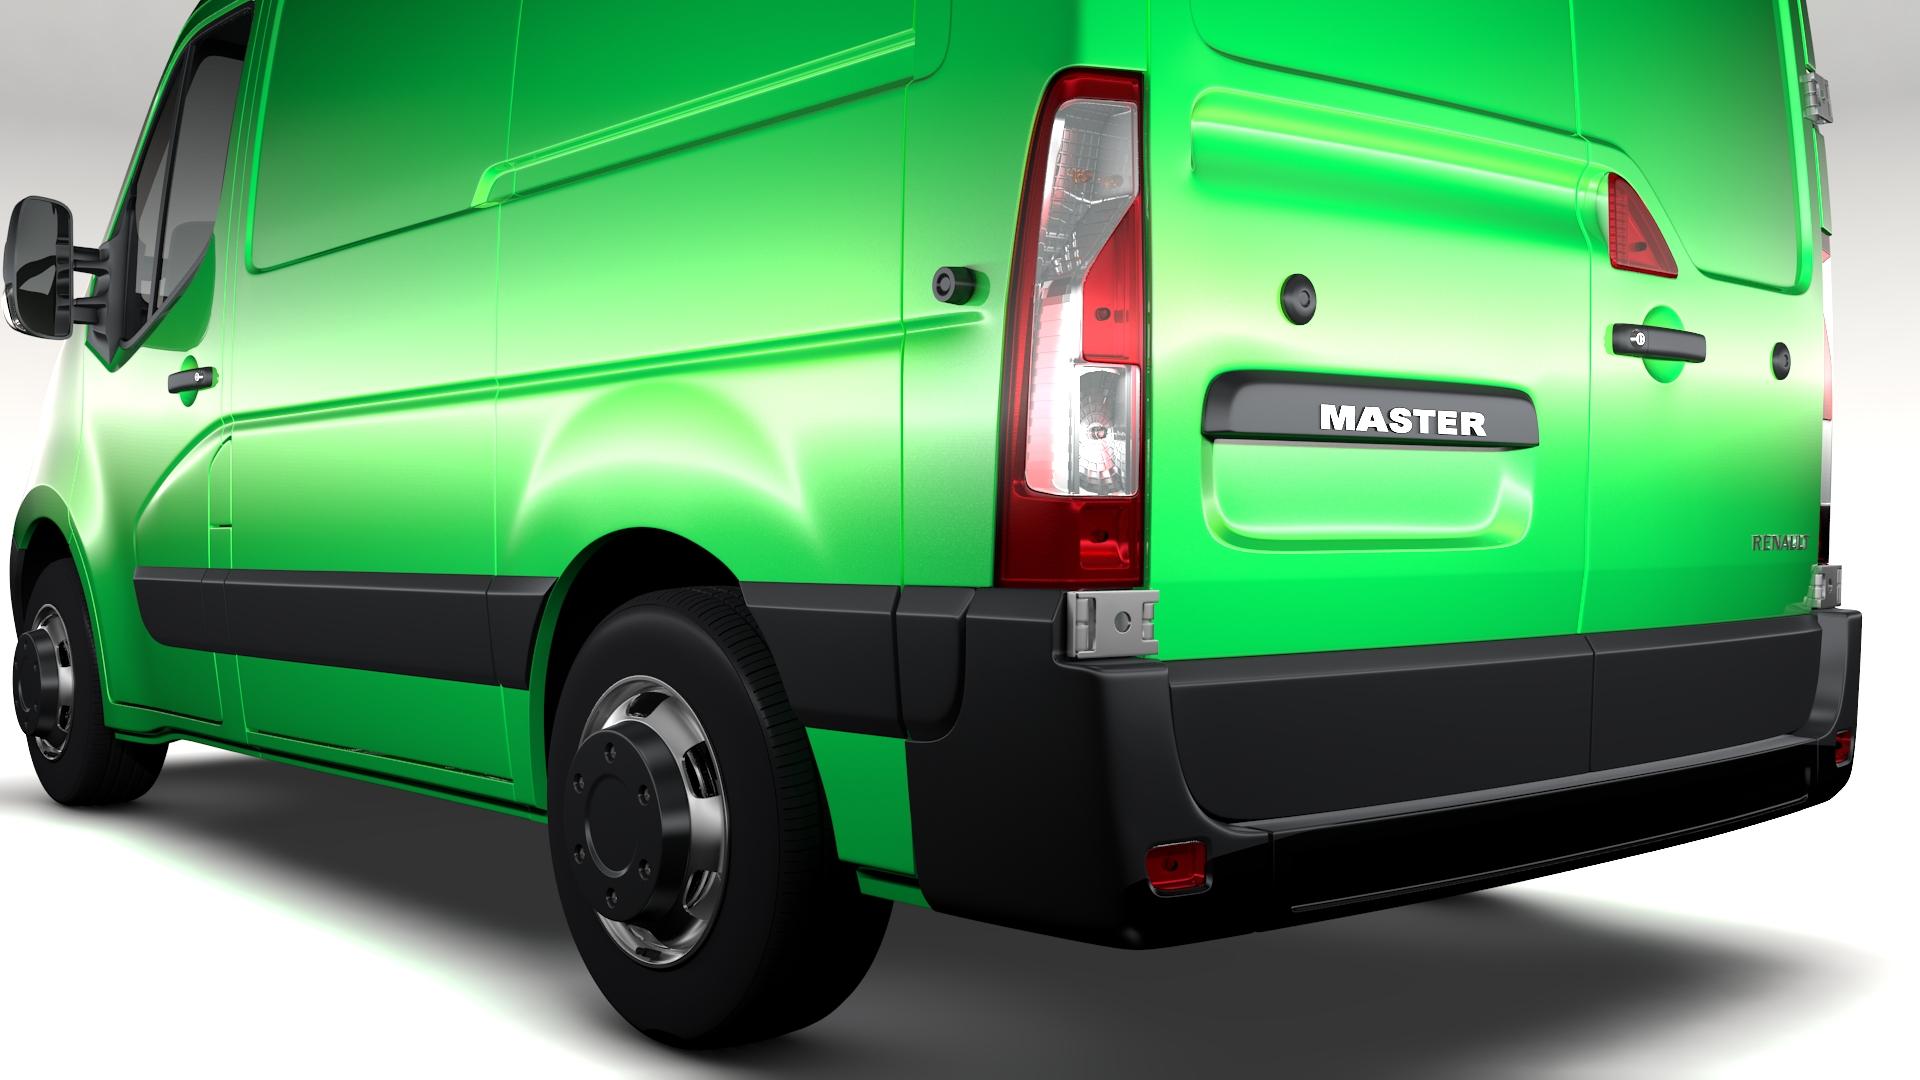 renault mater l1h1 van 2010 3d model 3ds max fbx c4d